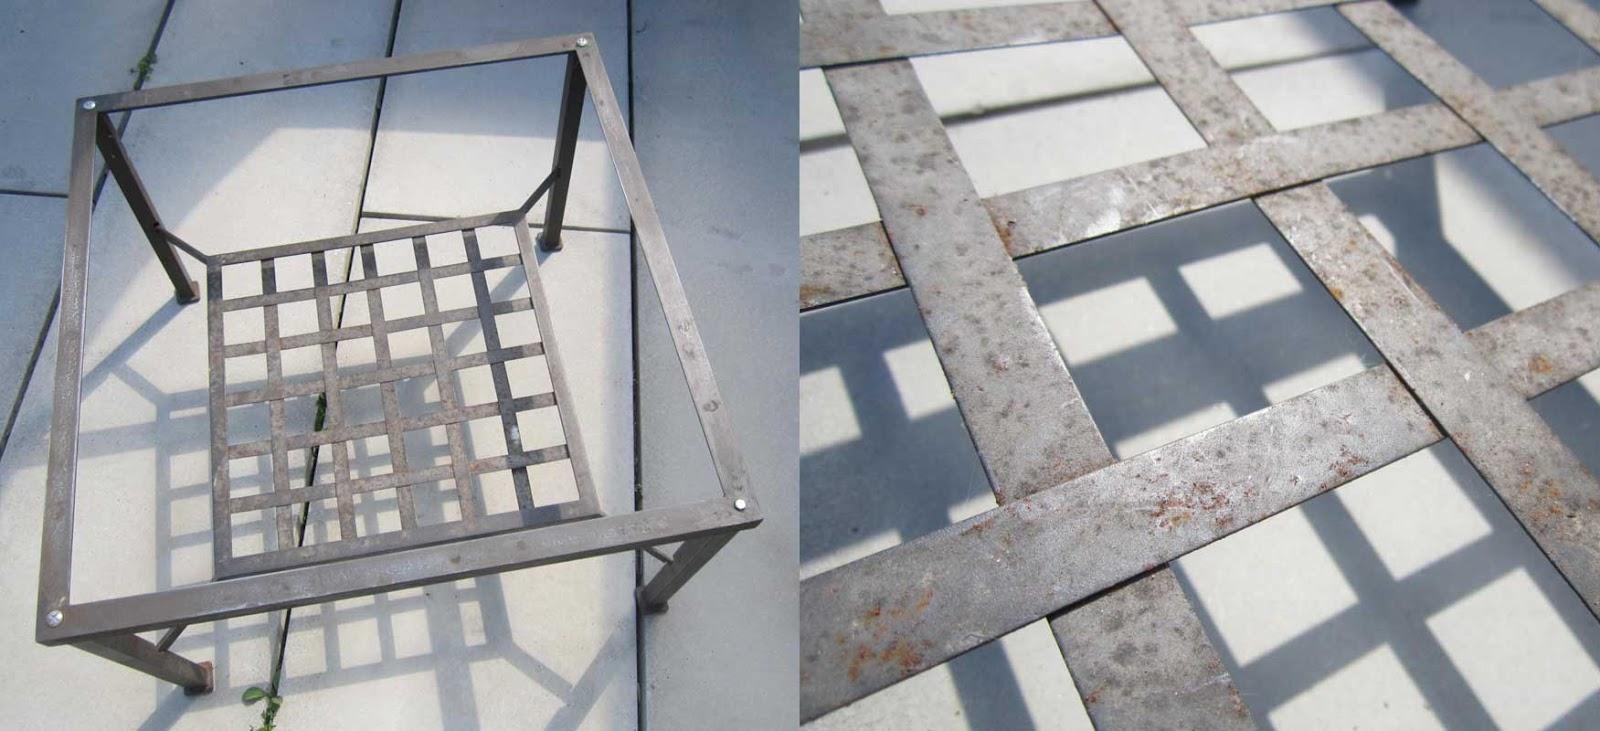 Restauration d 39 une table en m tal au 303 home deco - Restauration d une table en bois ...